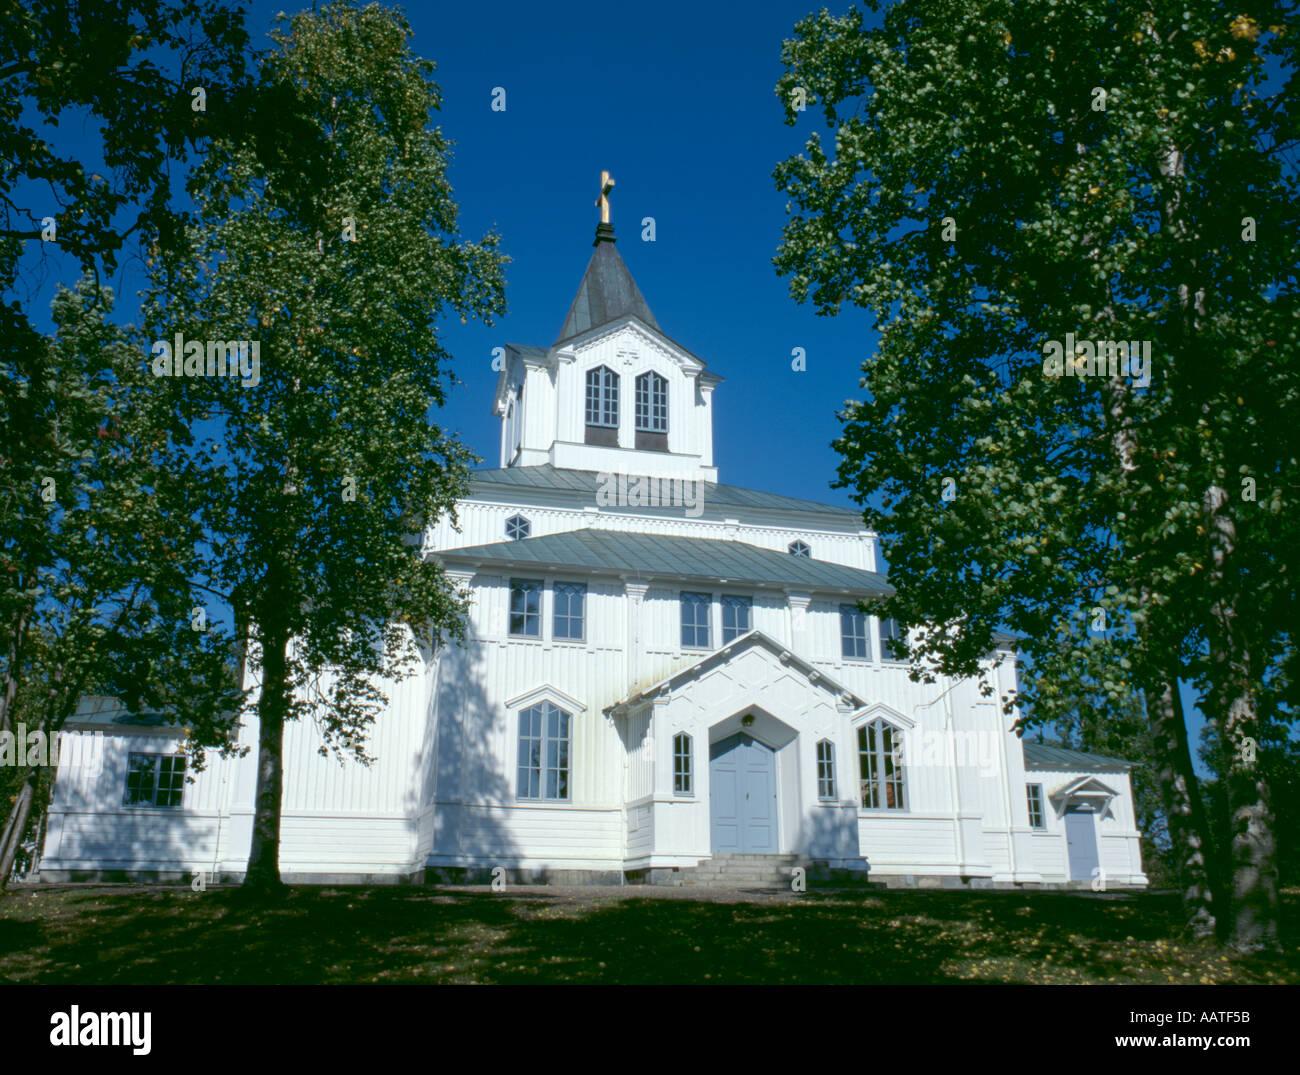 Gällivare Church, Gällivare, Lappland, Norrbottens Län, Sweden. - Stock Image